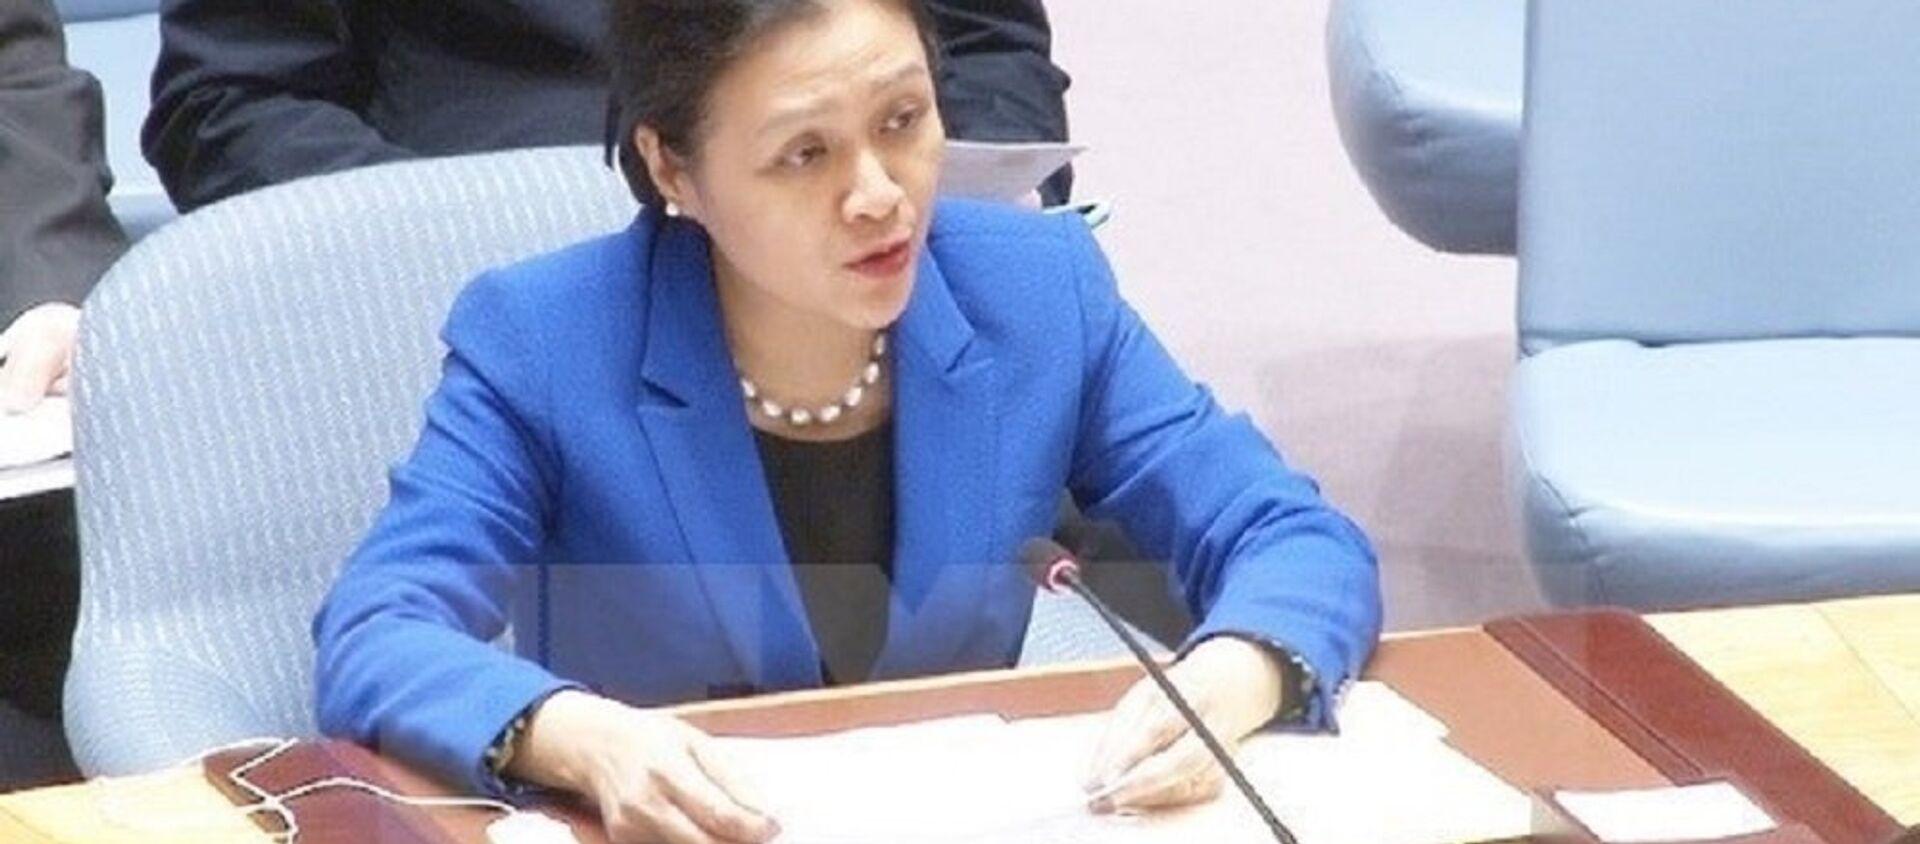 Đại sứ Nguyễn Phương Nga phát biểu tại phiên họp của Liên hợp quốc. (Nguồn: TTXVN) - Sputnik Việt Nam, 1920, 08.07.2017